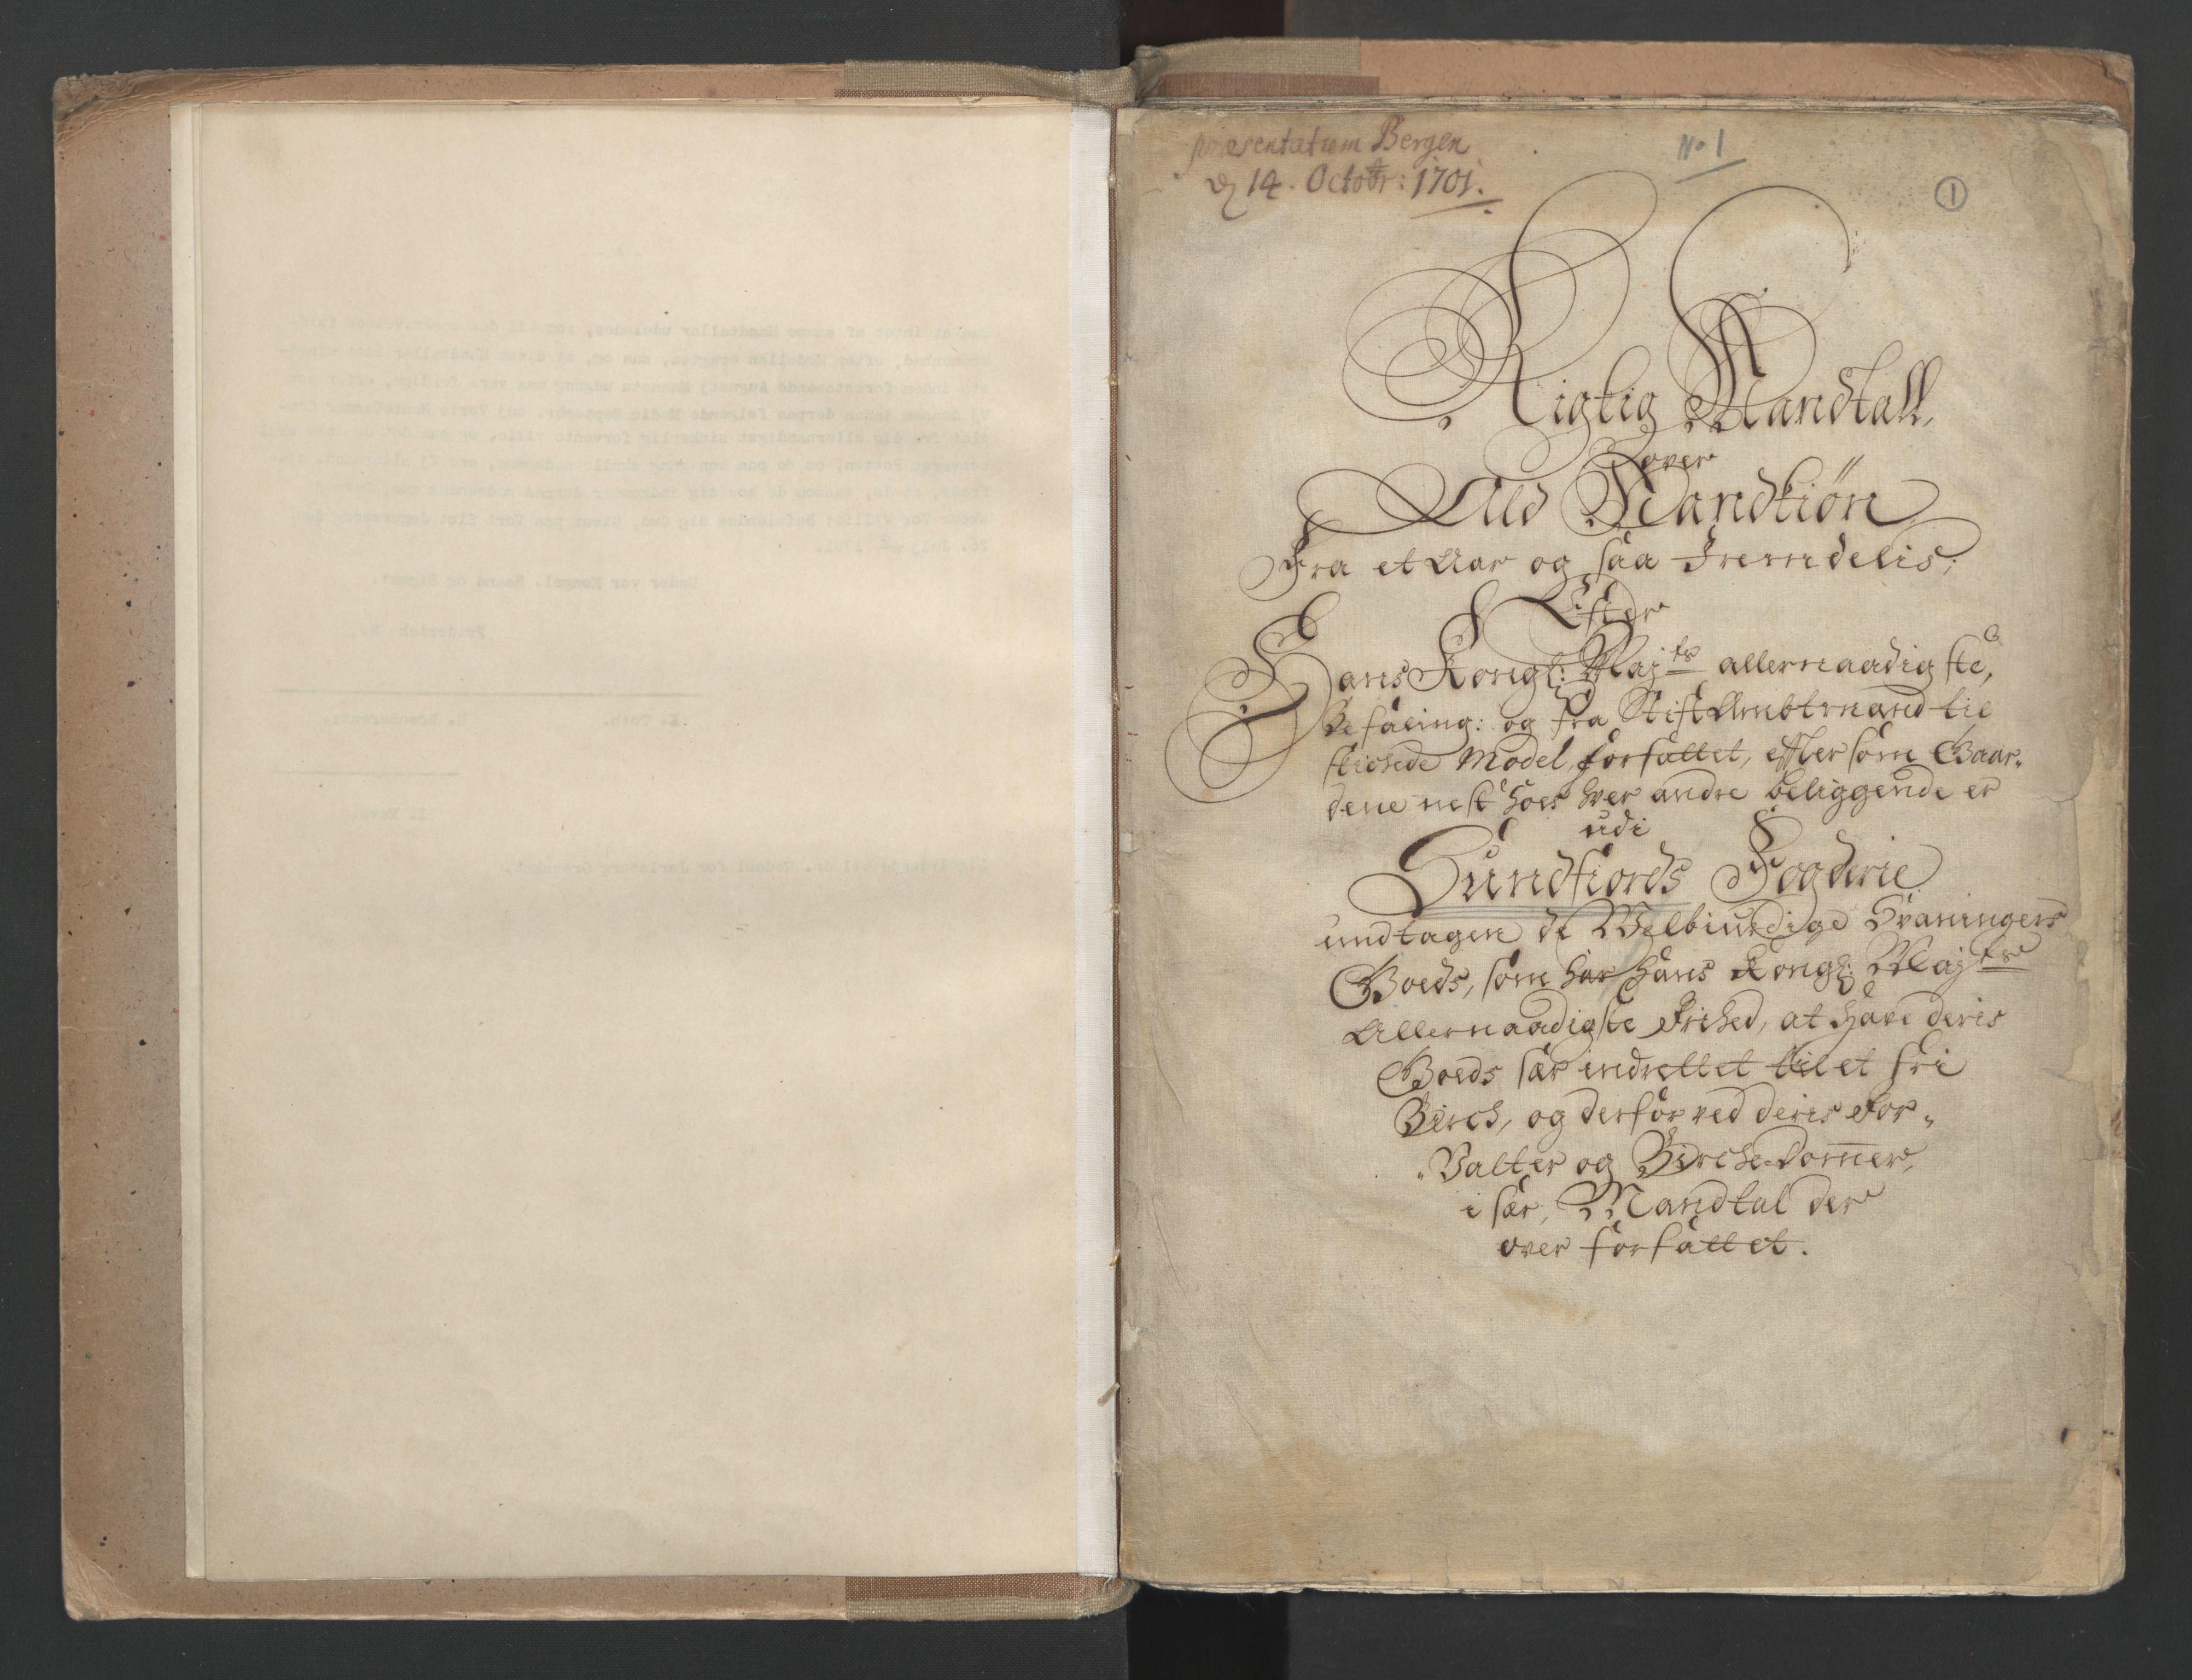 RA, Manntallet 1701, nr. 9: Sunnfjord fogderi, Nordfjord fogderi og Svanø birk, 1701, s. 1